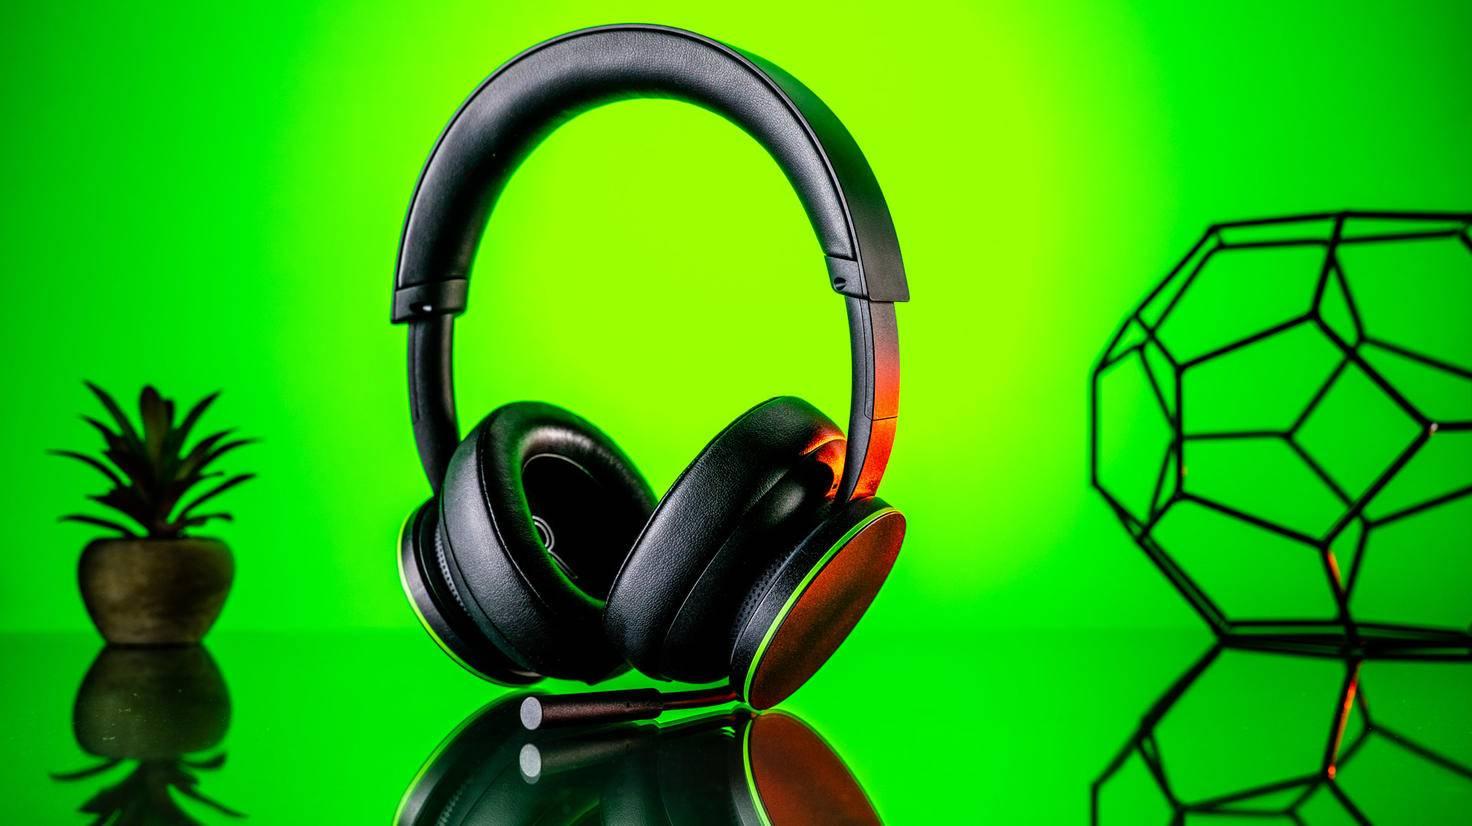 Xbox-Wireless-Headset-3